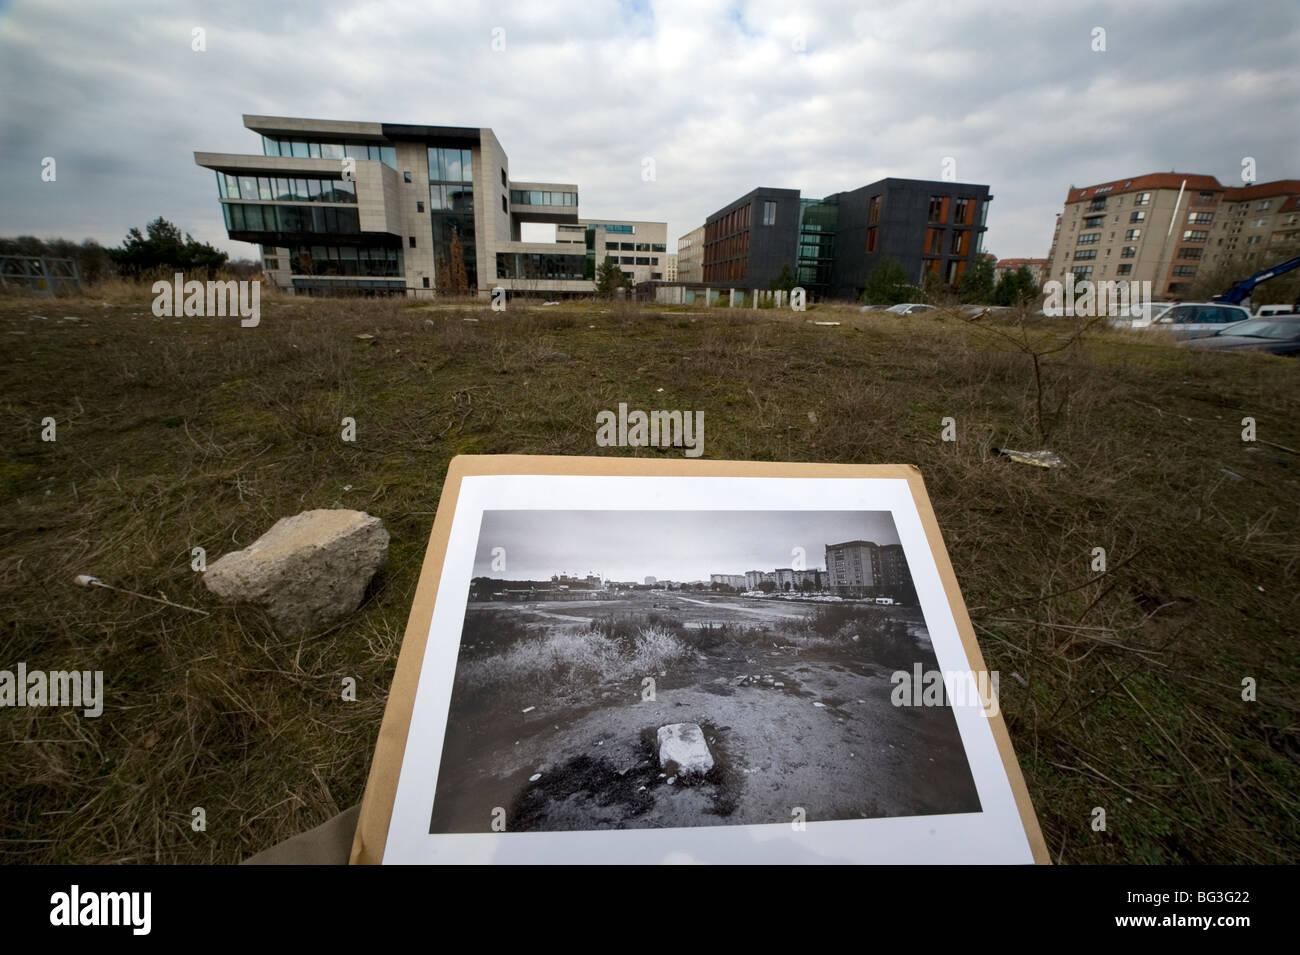 berlin 2009 1989 ddr hitlers bunker standort deutschland. Black Bedroom Furniture Sets. Home Design Ideas